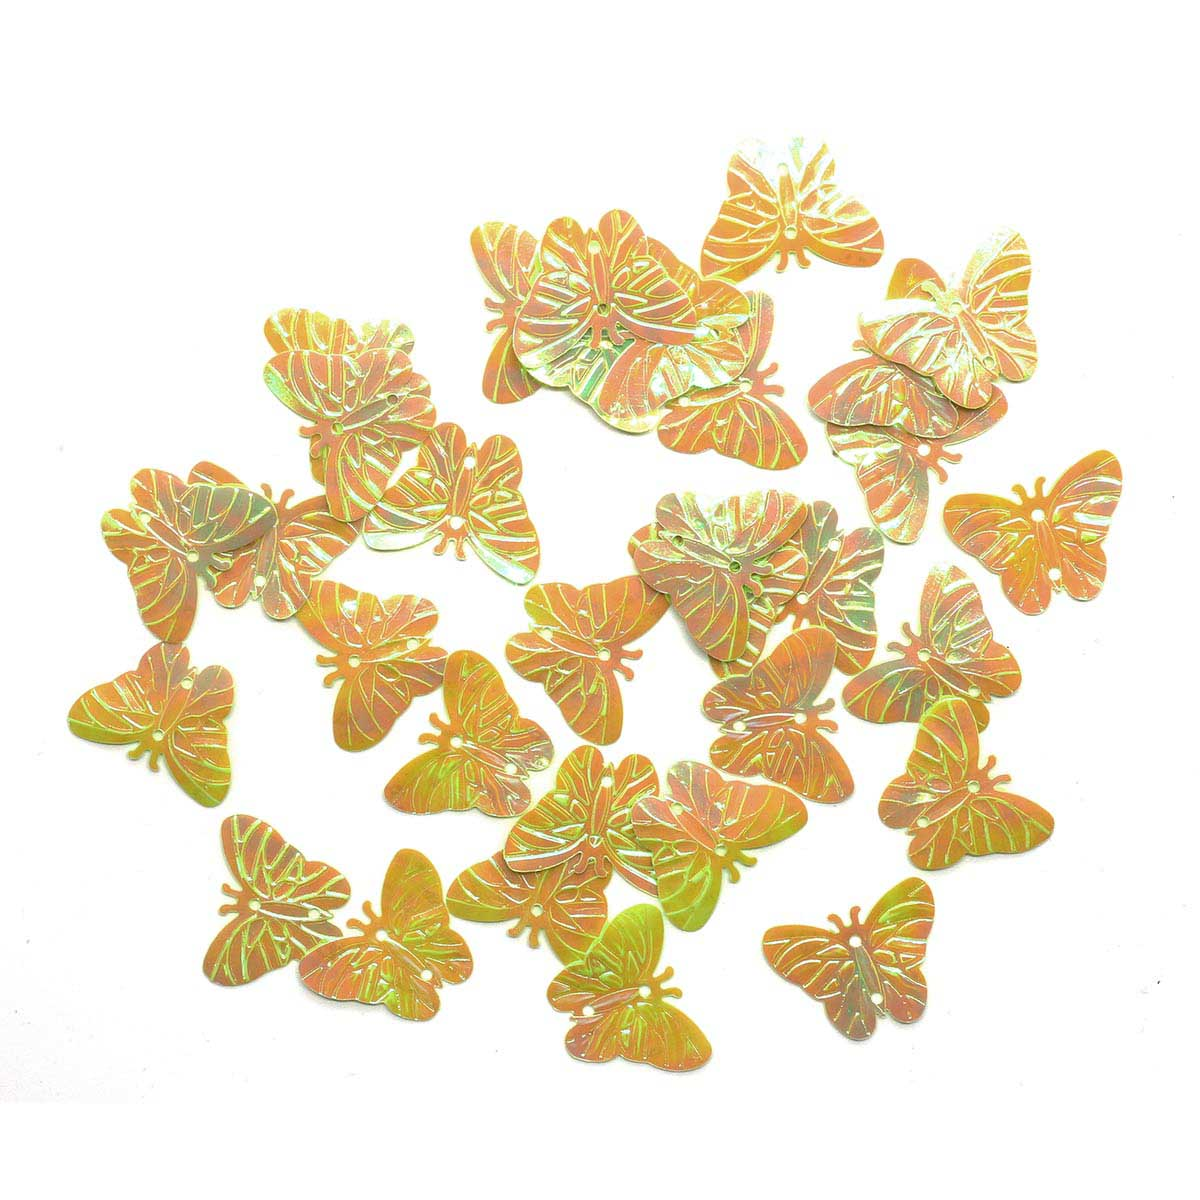 Пайетки 'бабочки', 18*23 мм, упак./10 гр., 'Астра' (85 салатовый) фото